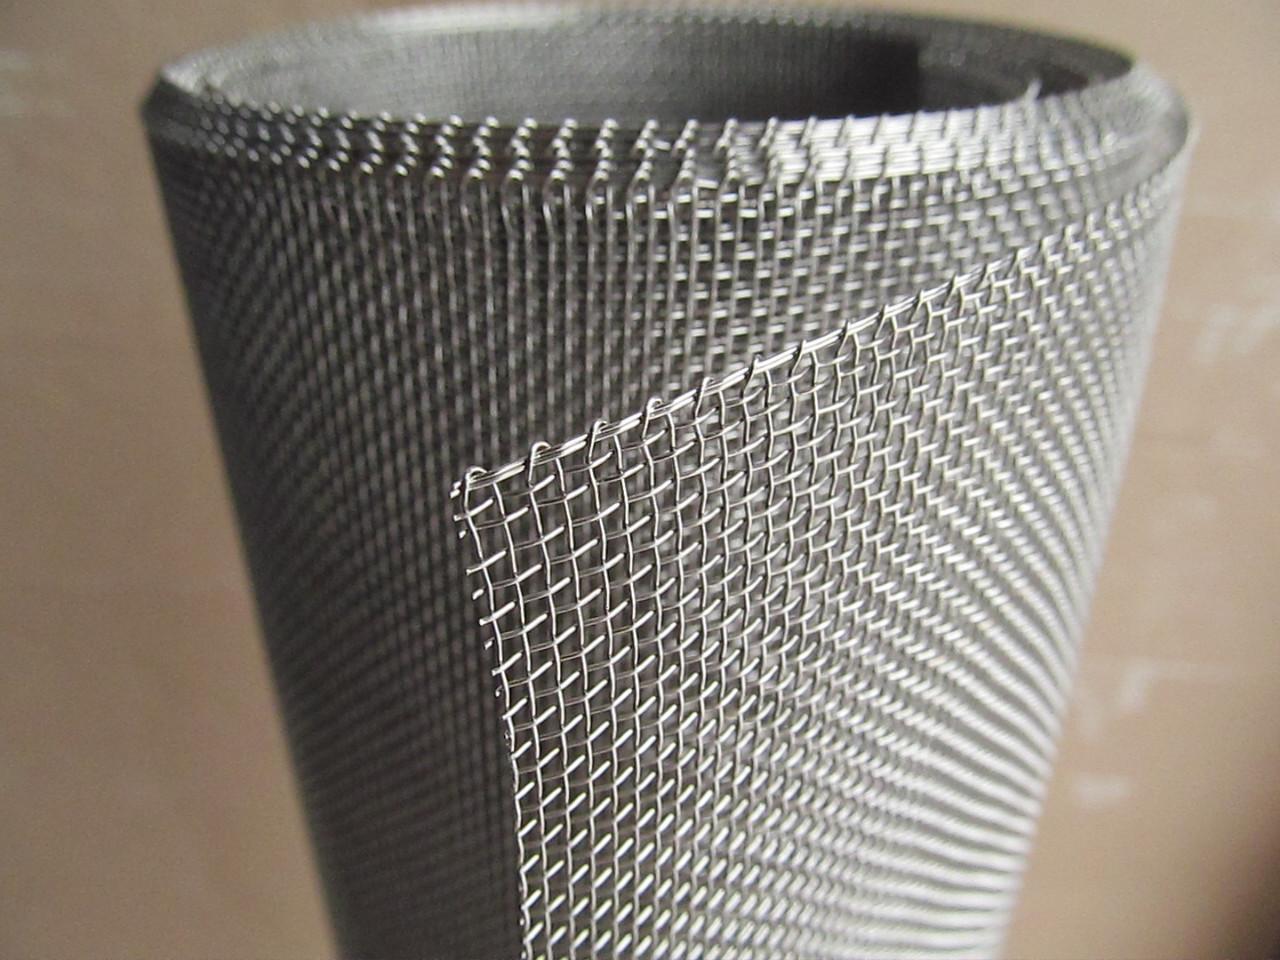 Сетка тканая из нержавеющей проволоки. Ячейка: 1,6мм, Проволока: 0,4мм, Ширина 1м.